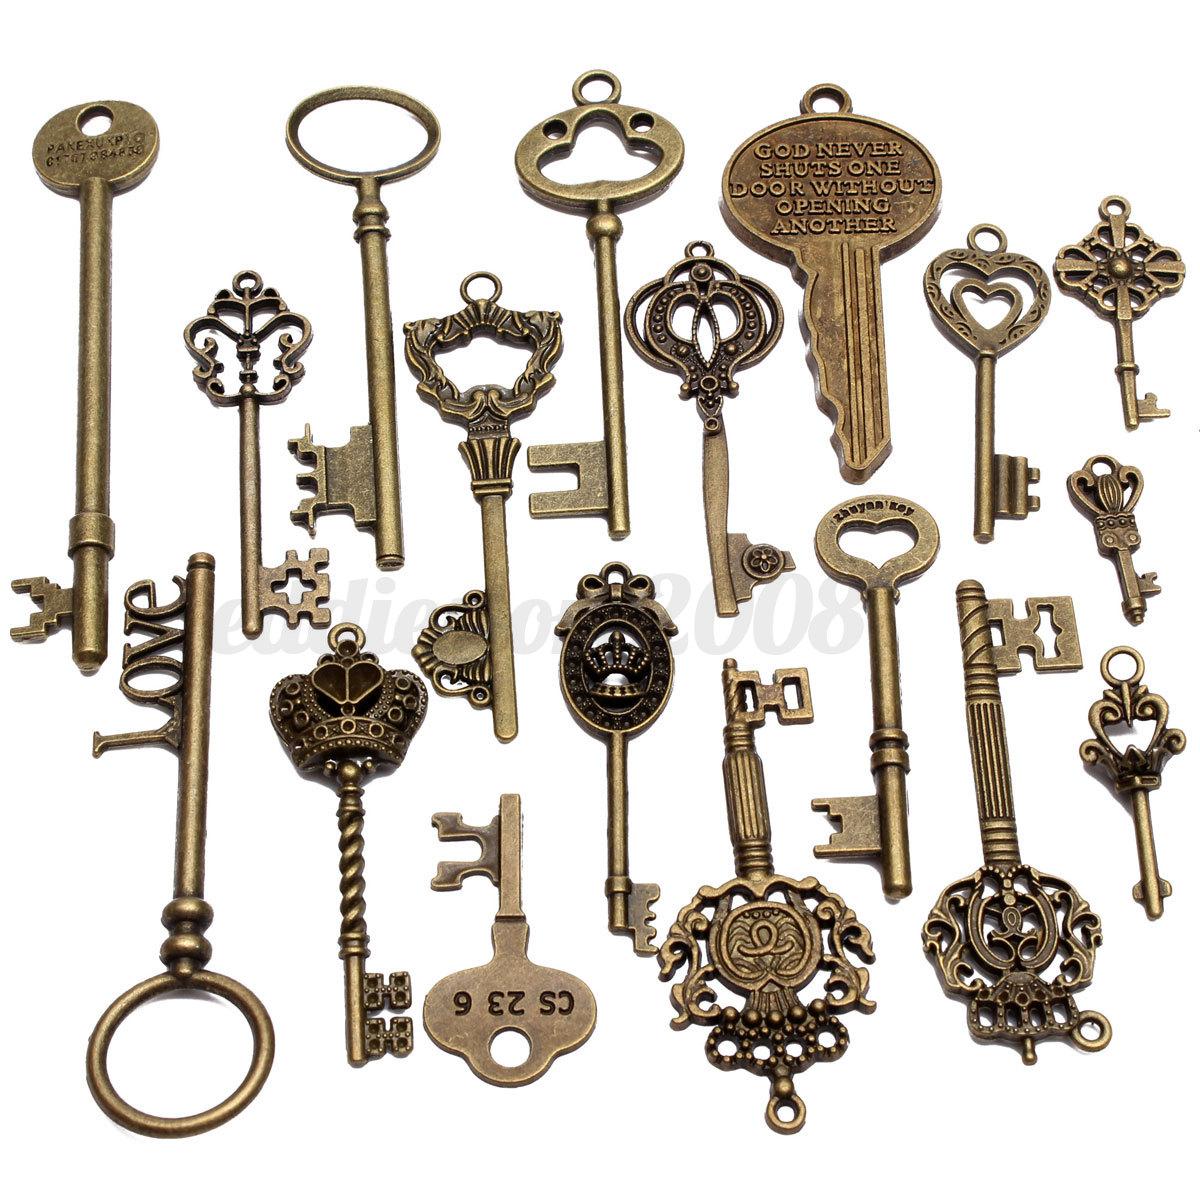 18 Assorted Antique Vintage VTG Old Look Skeleton Keys Bronze Steampunk Pendants 2